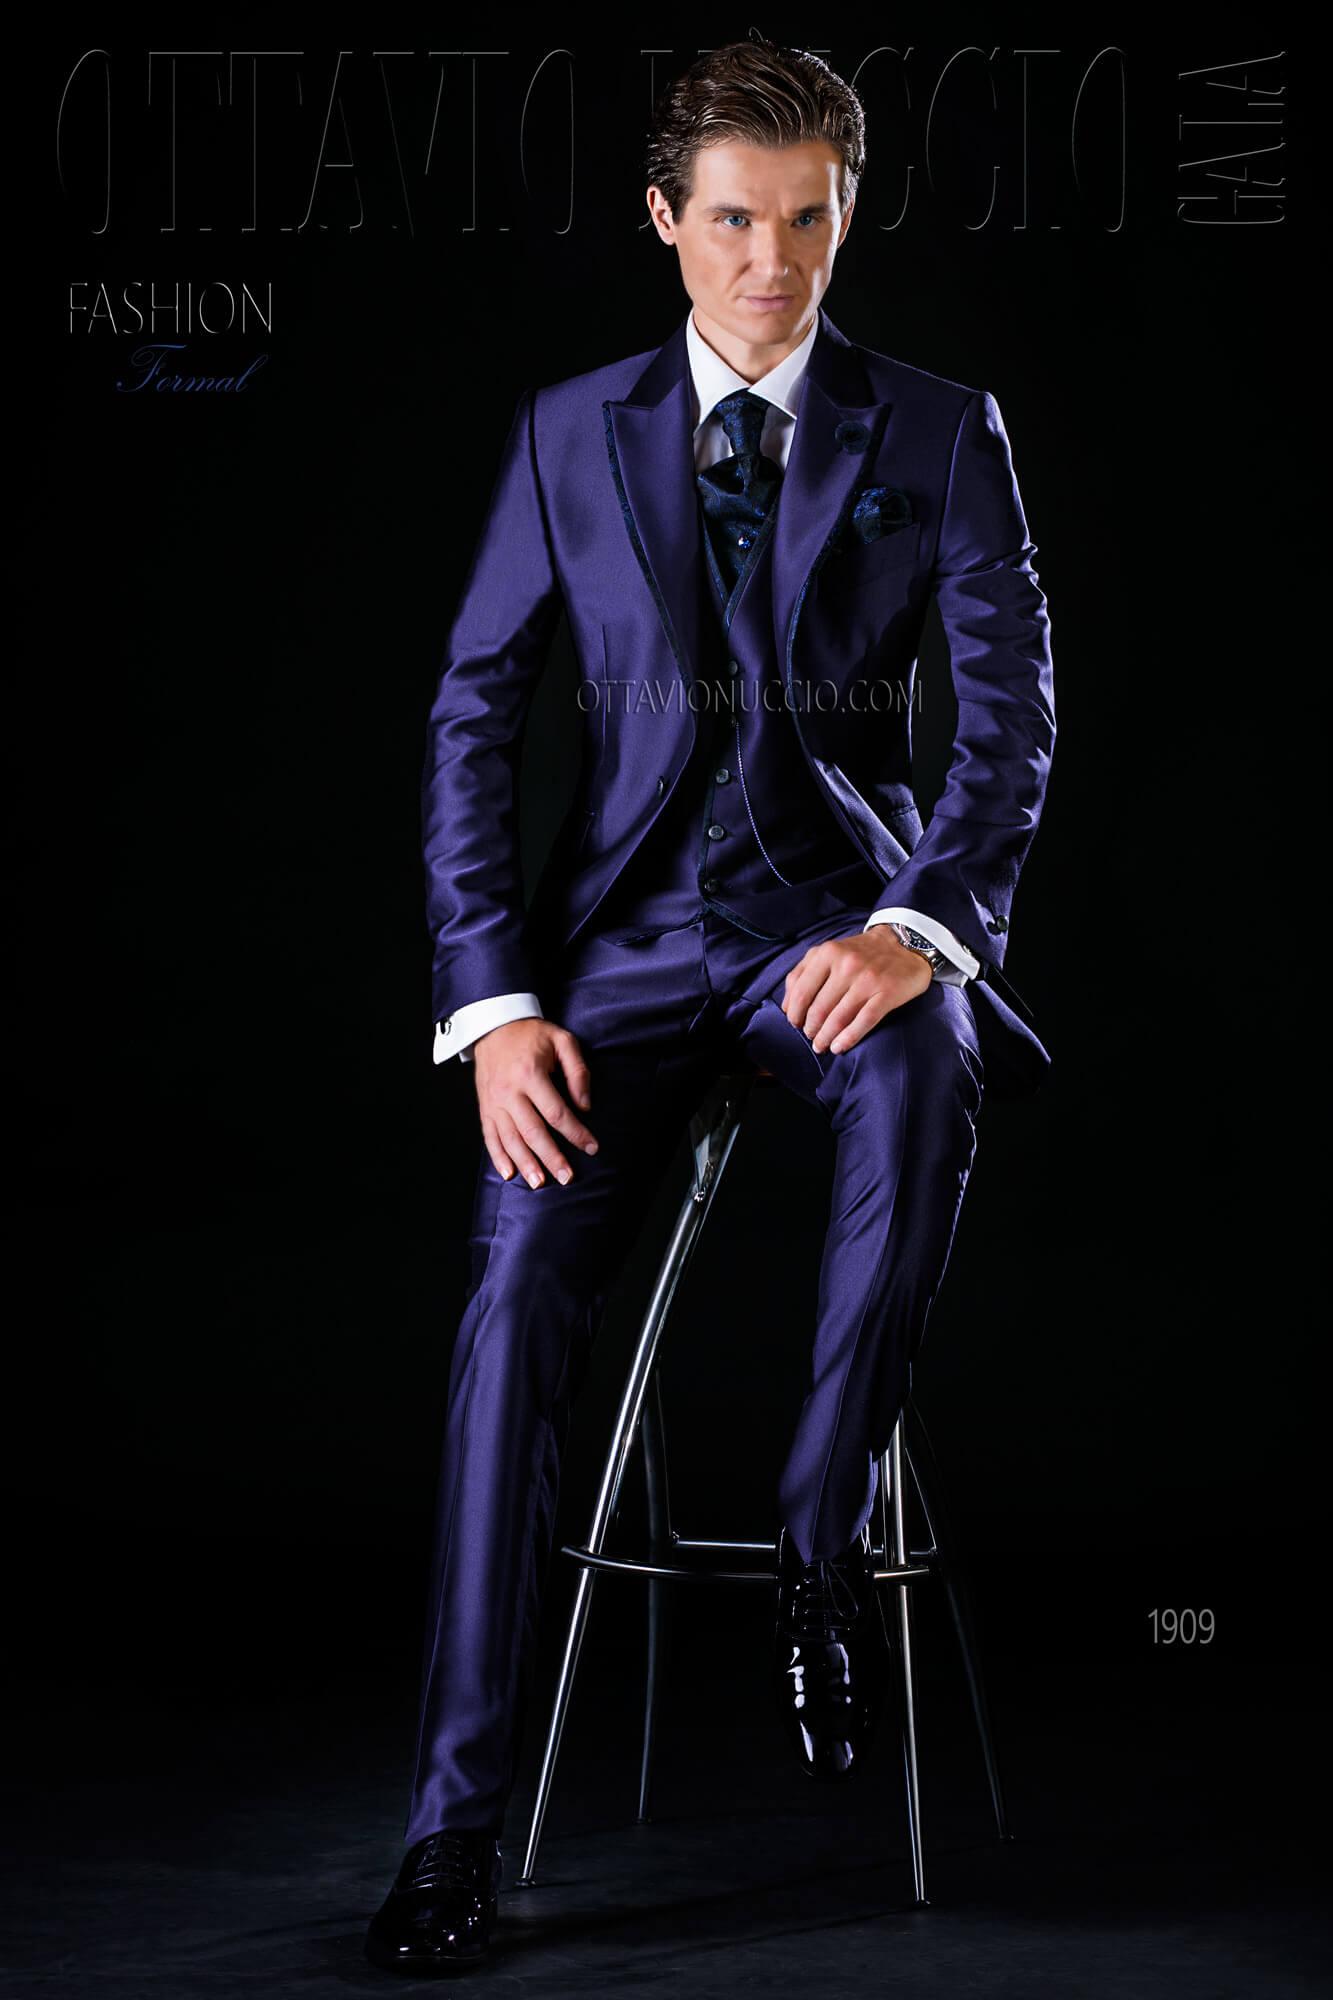 272beb7f1c34 Vestito sposo uomo blu lucido tre pezzi